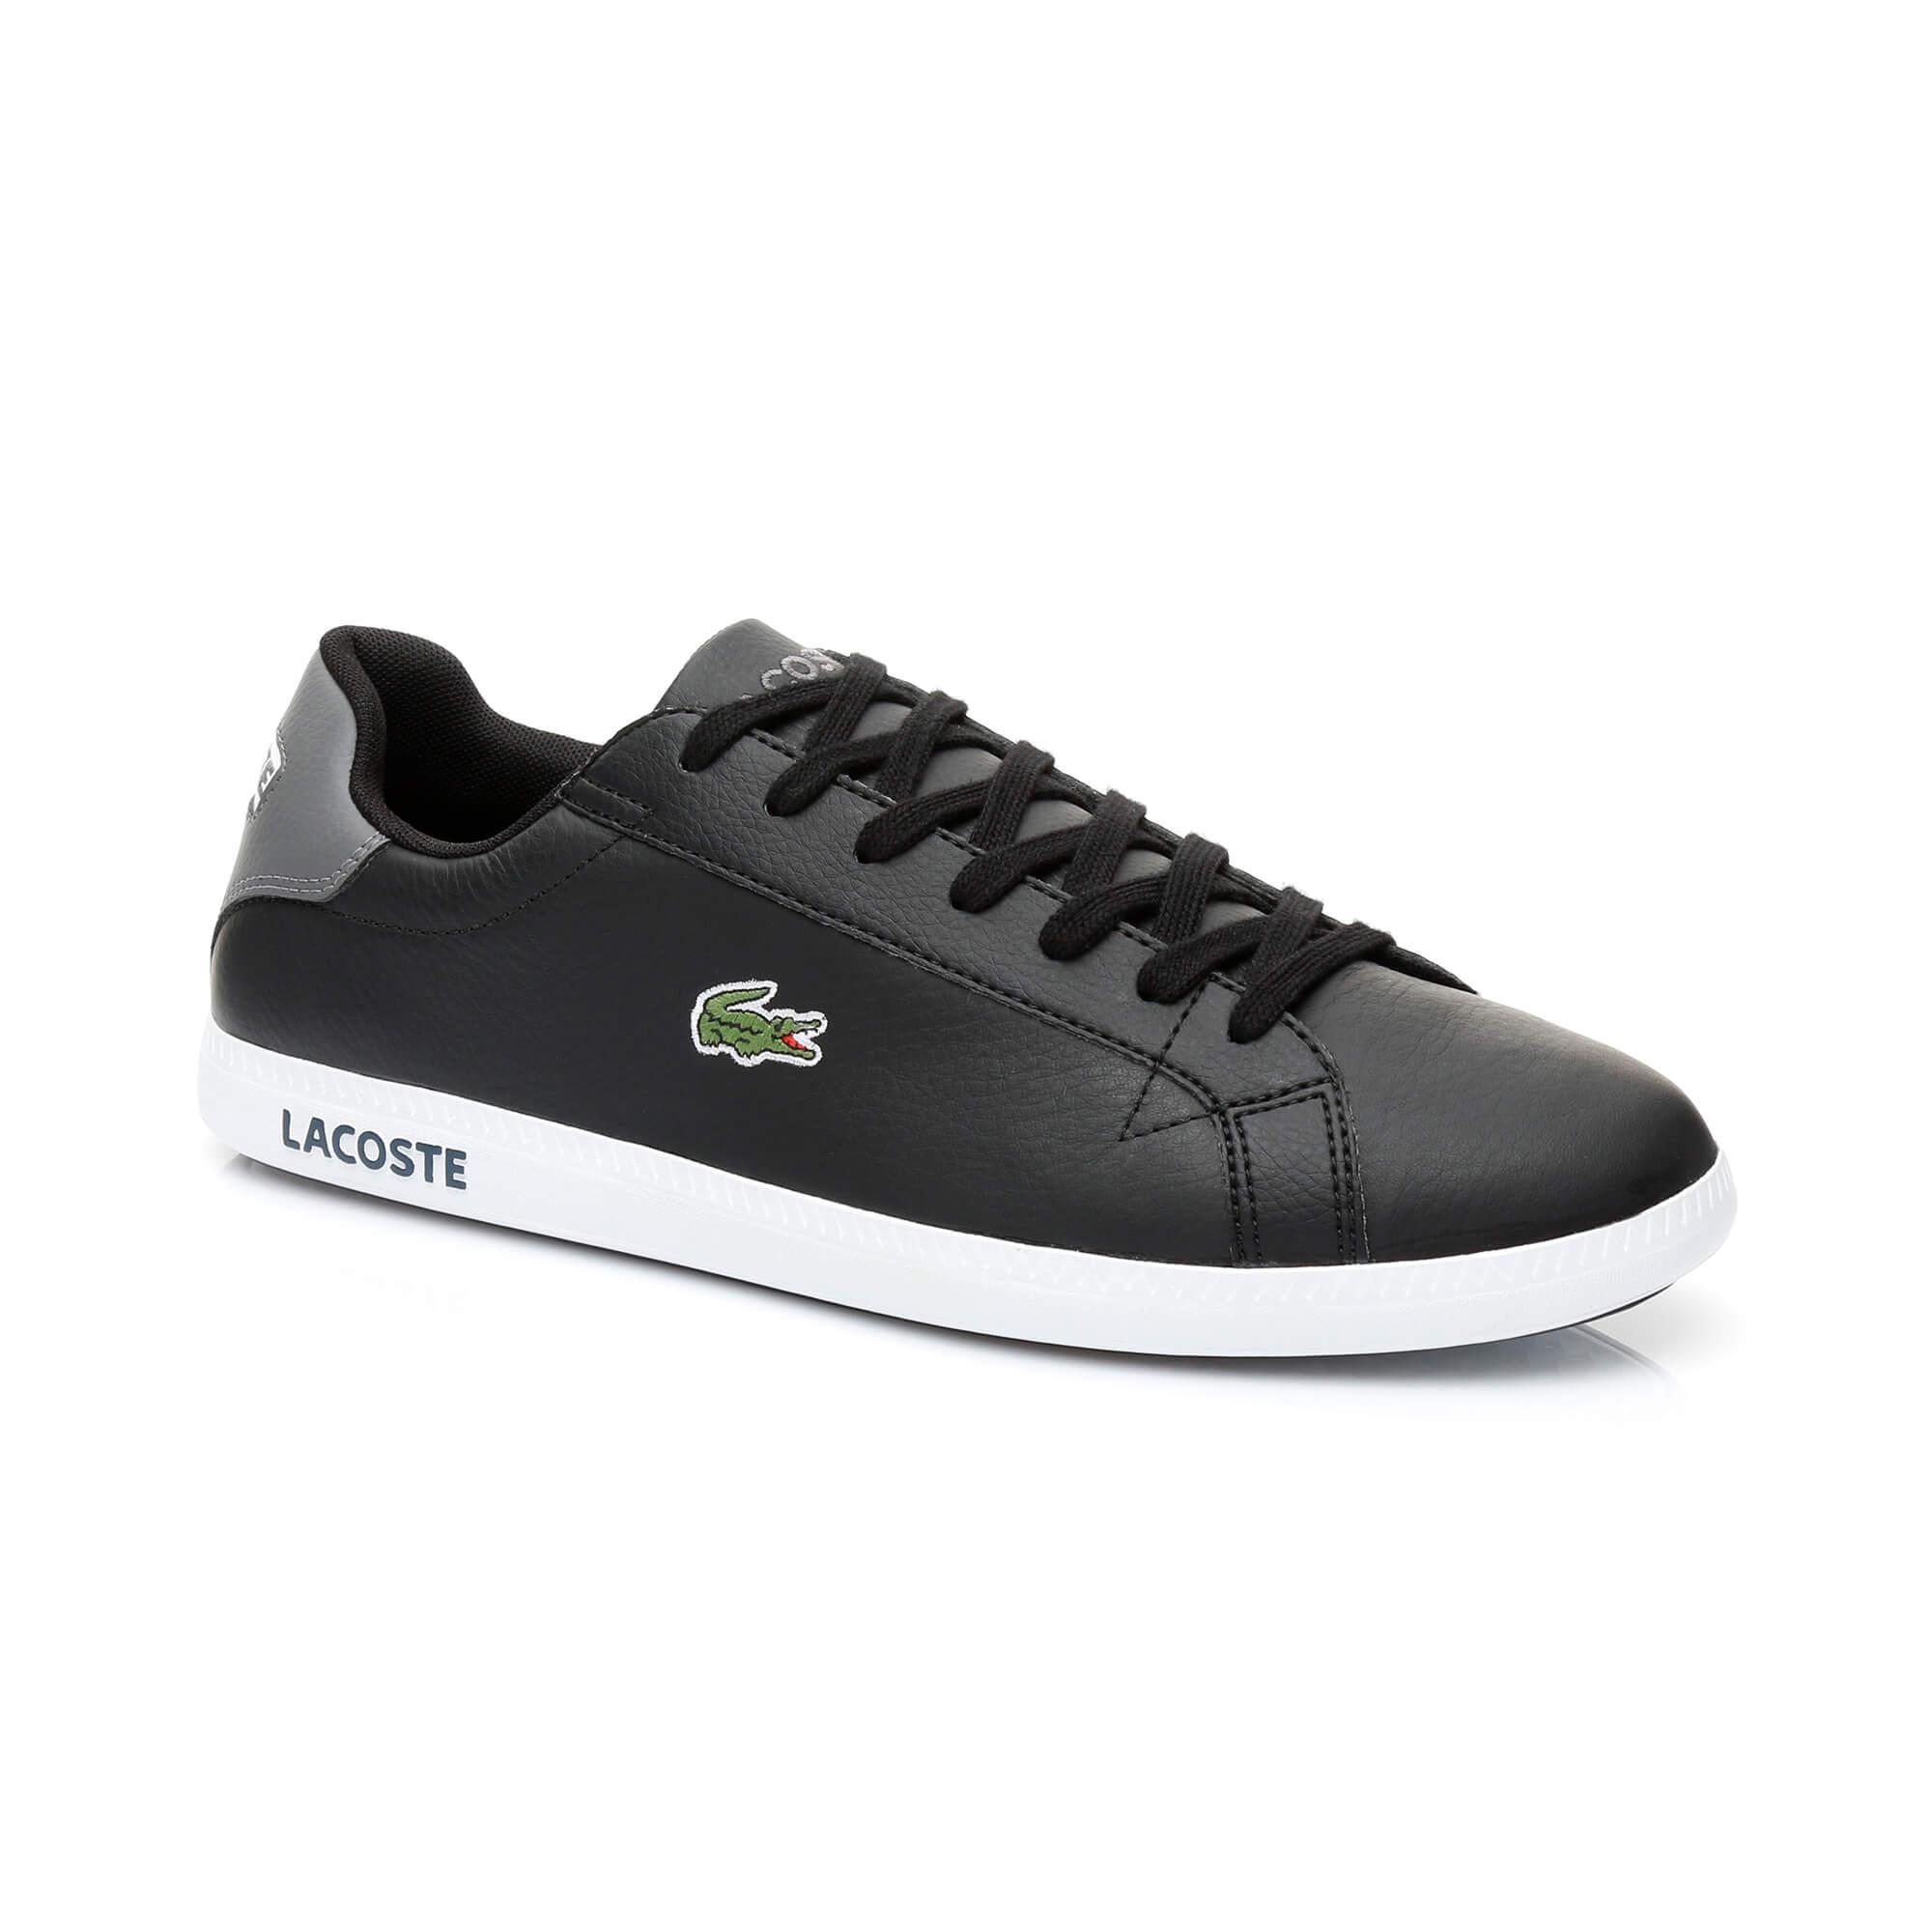 Lacoste Graduate LCR3 118 1 Męskie Skórzane Sneakersy